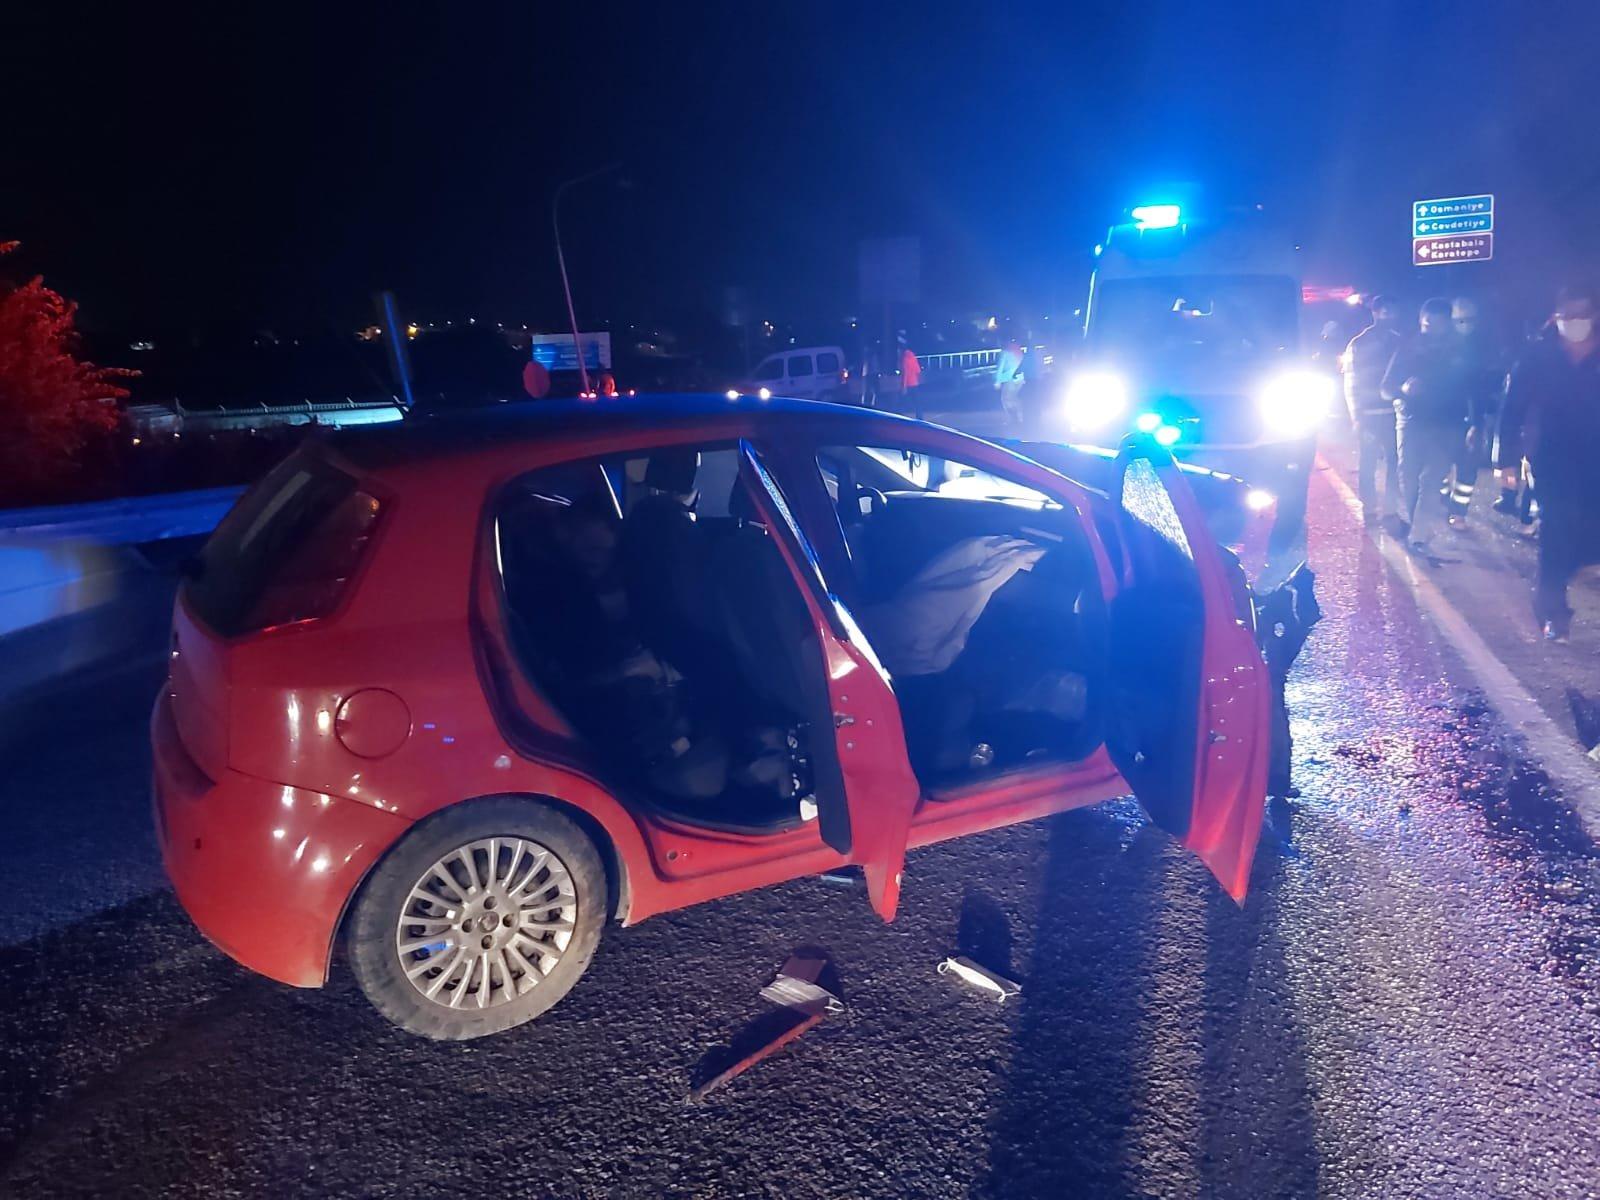 Osmaniye'de feci kaza: 1 ölü 5 yaralı